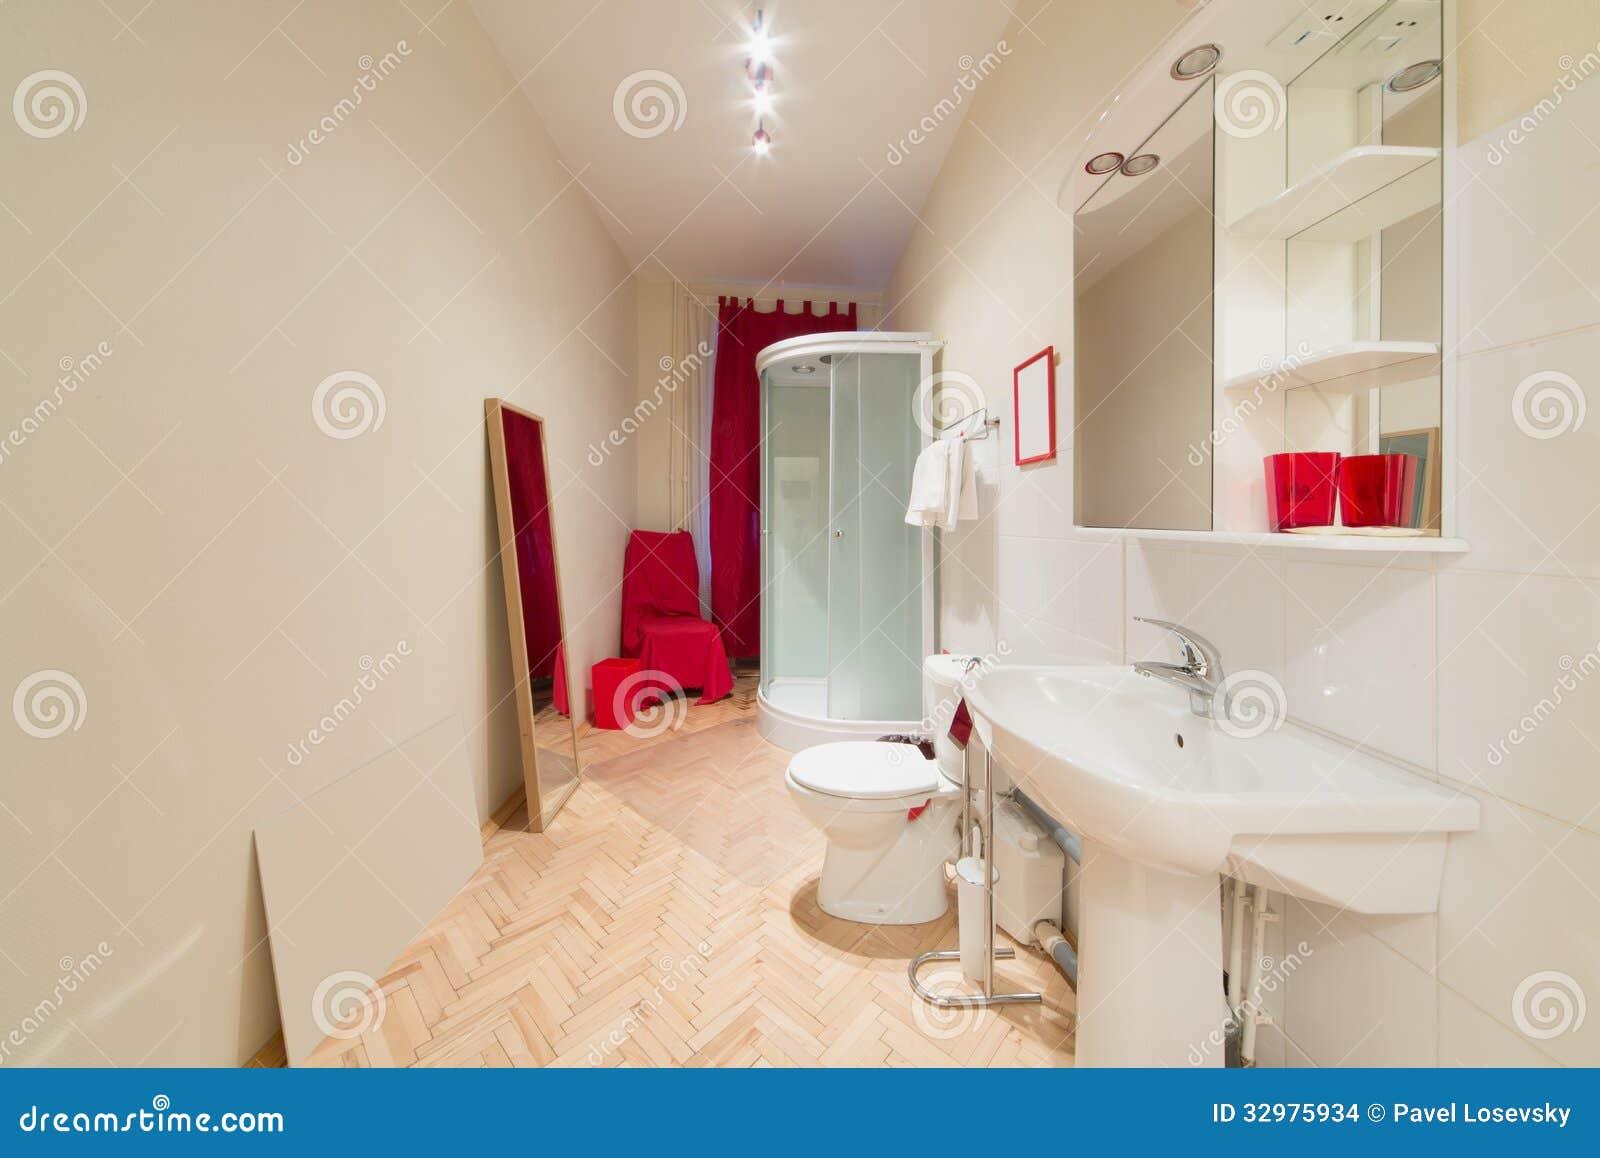 Een kleine heldere badkamers met een douchecabine stock afbeeldingen afbeelding 32975934 - Kleine foto badkamer met douche ...